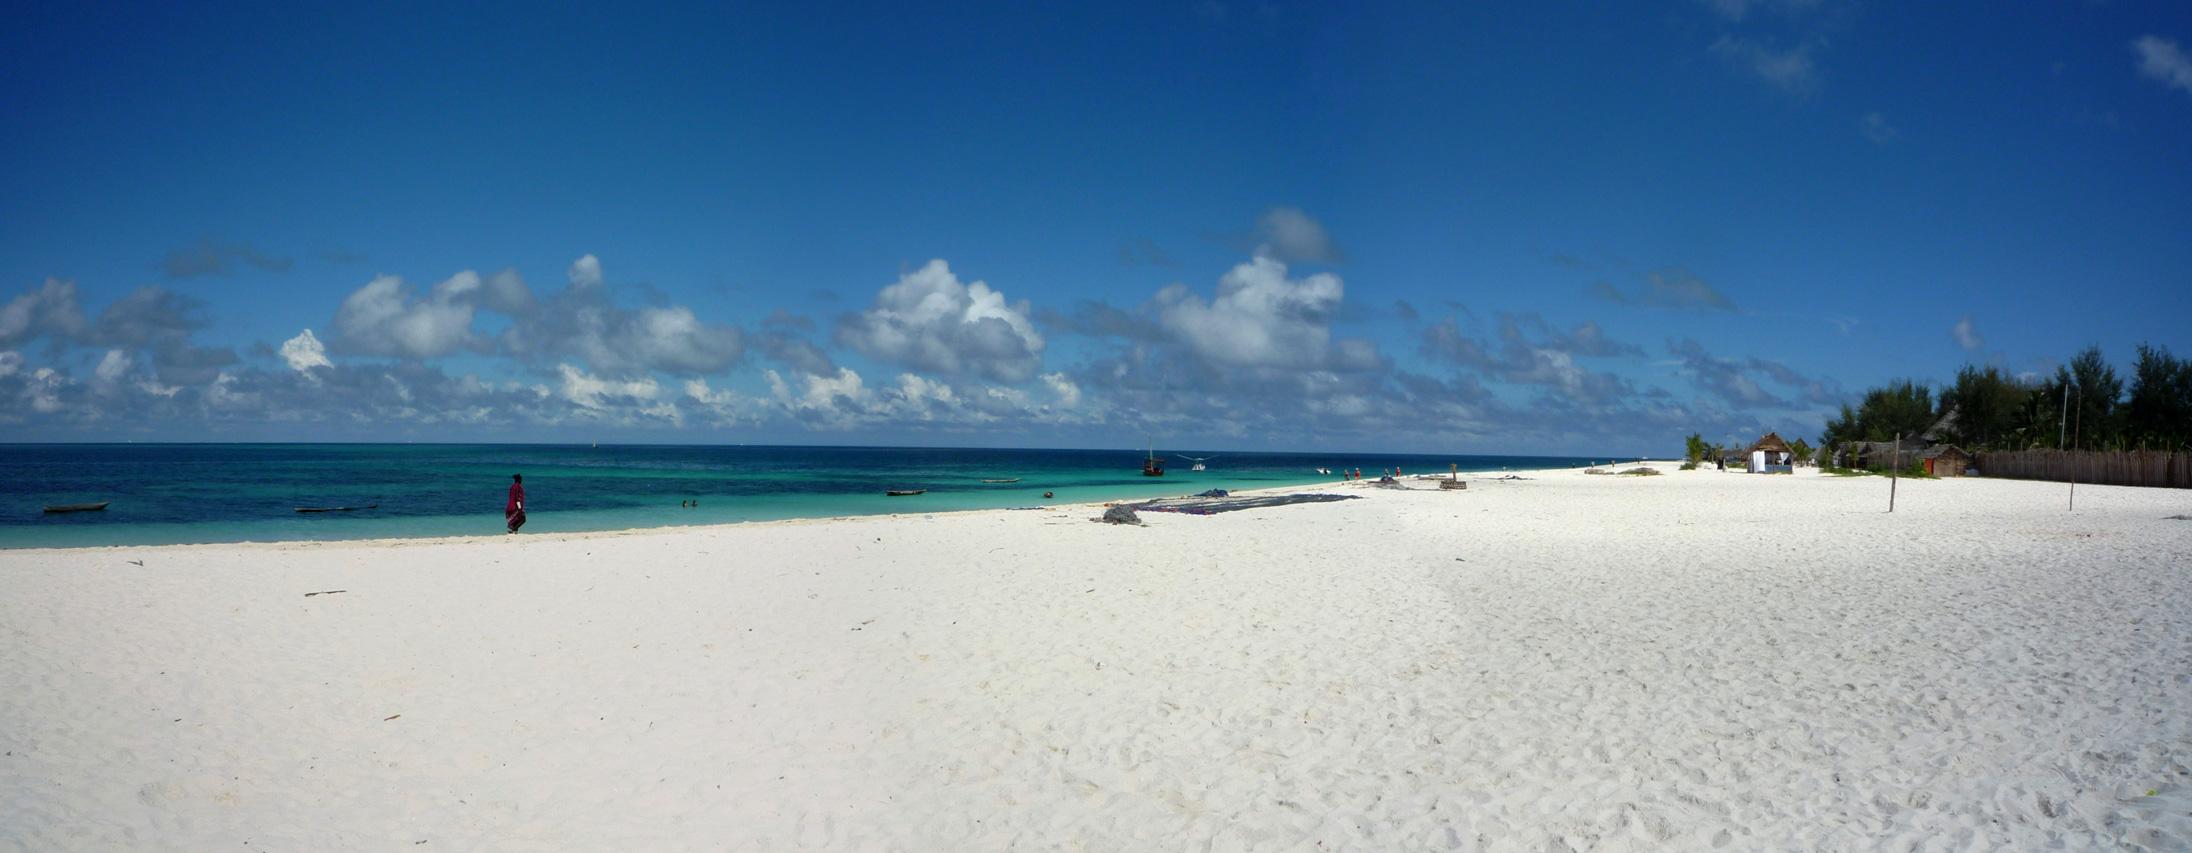 Zanzibar 2009   2003